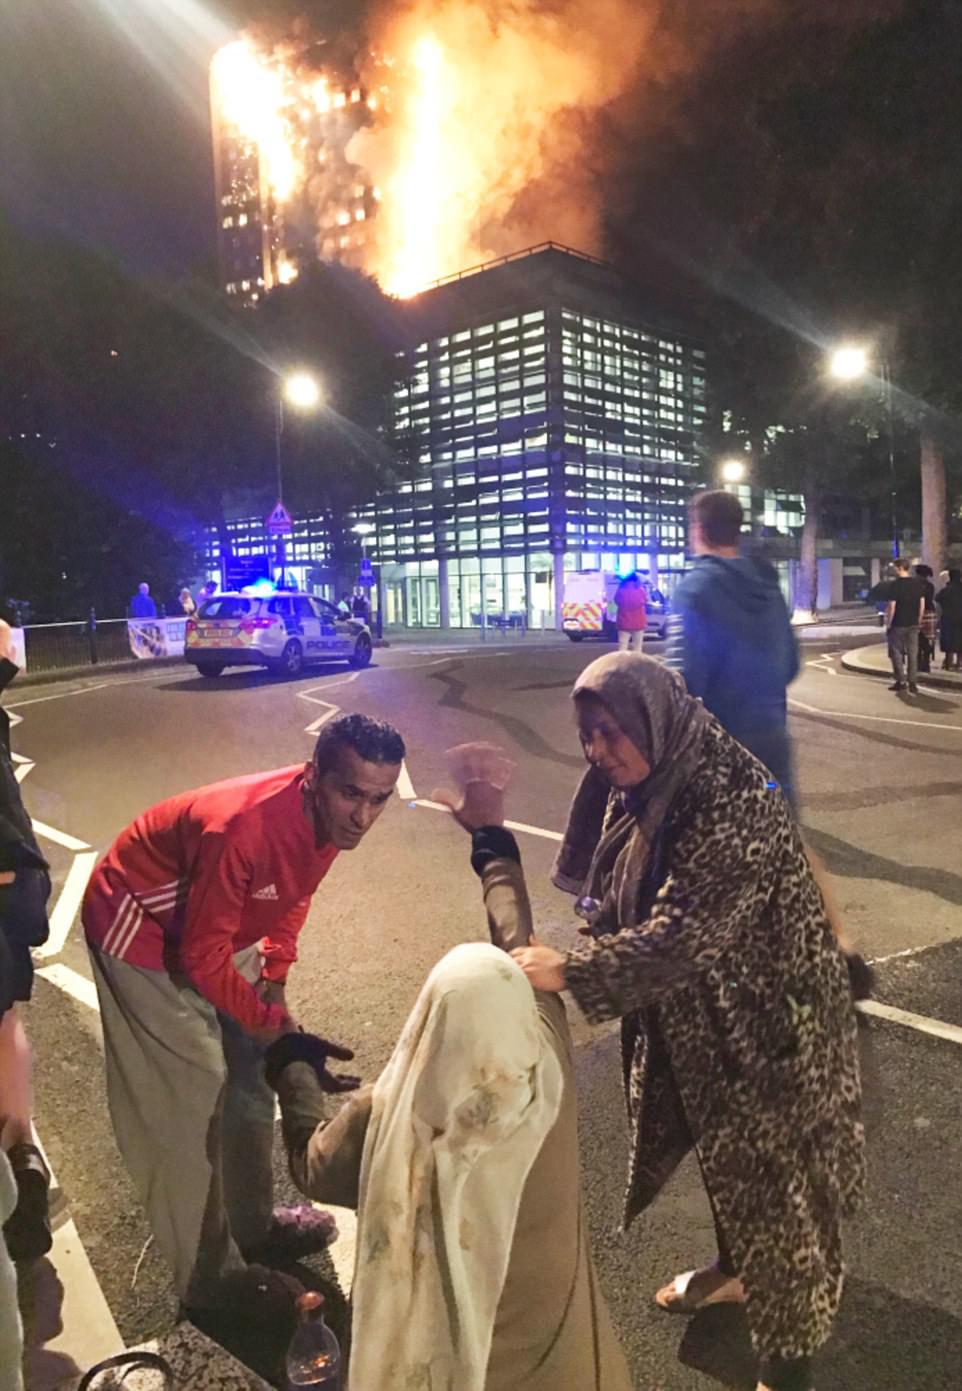 Một phụ nữ tuyệt vọng khi nhìn đám cháy bao phủ ngôi nhà, nơi thân nhân của bà vẫn đang mắc kẹt. Hiện tại, nhà chức trách Anh chưa thể xác định chính xác số nạn nhân của vụ hỏa hoạn kinh hoàng. Ảnh: Daily Mail